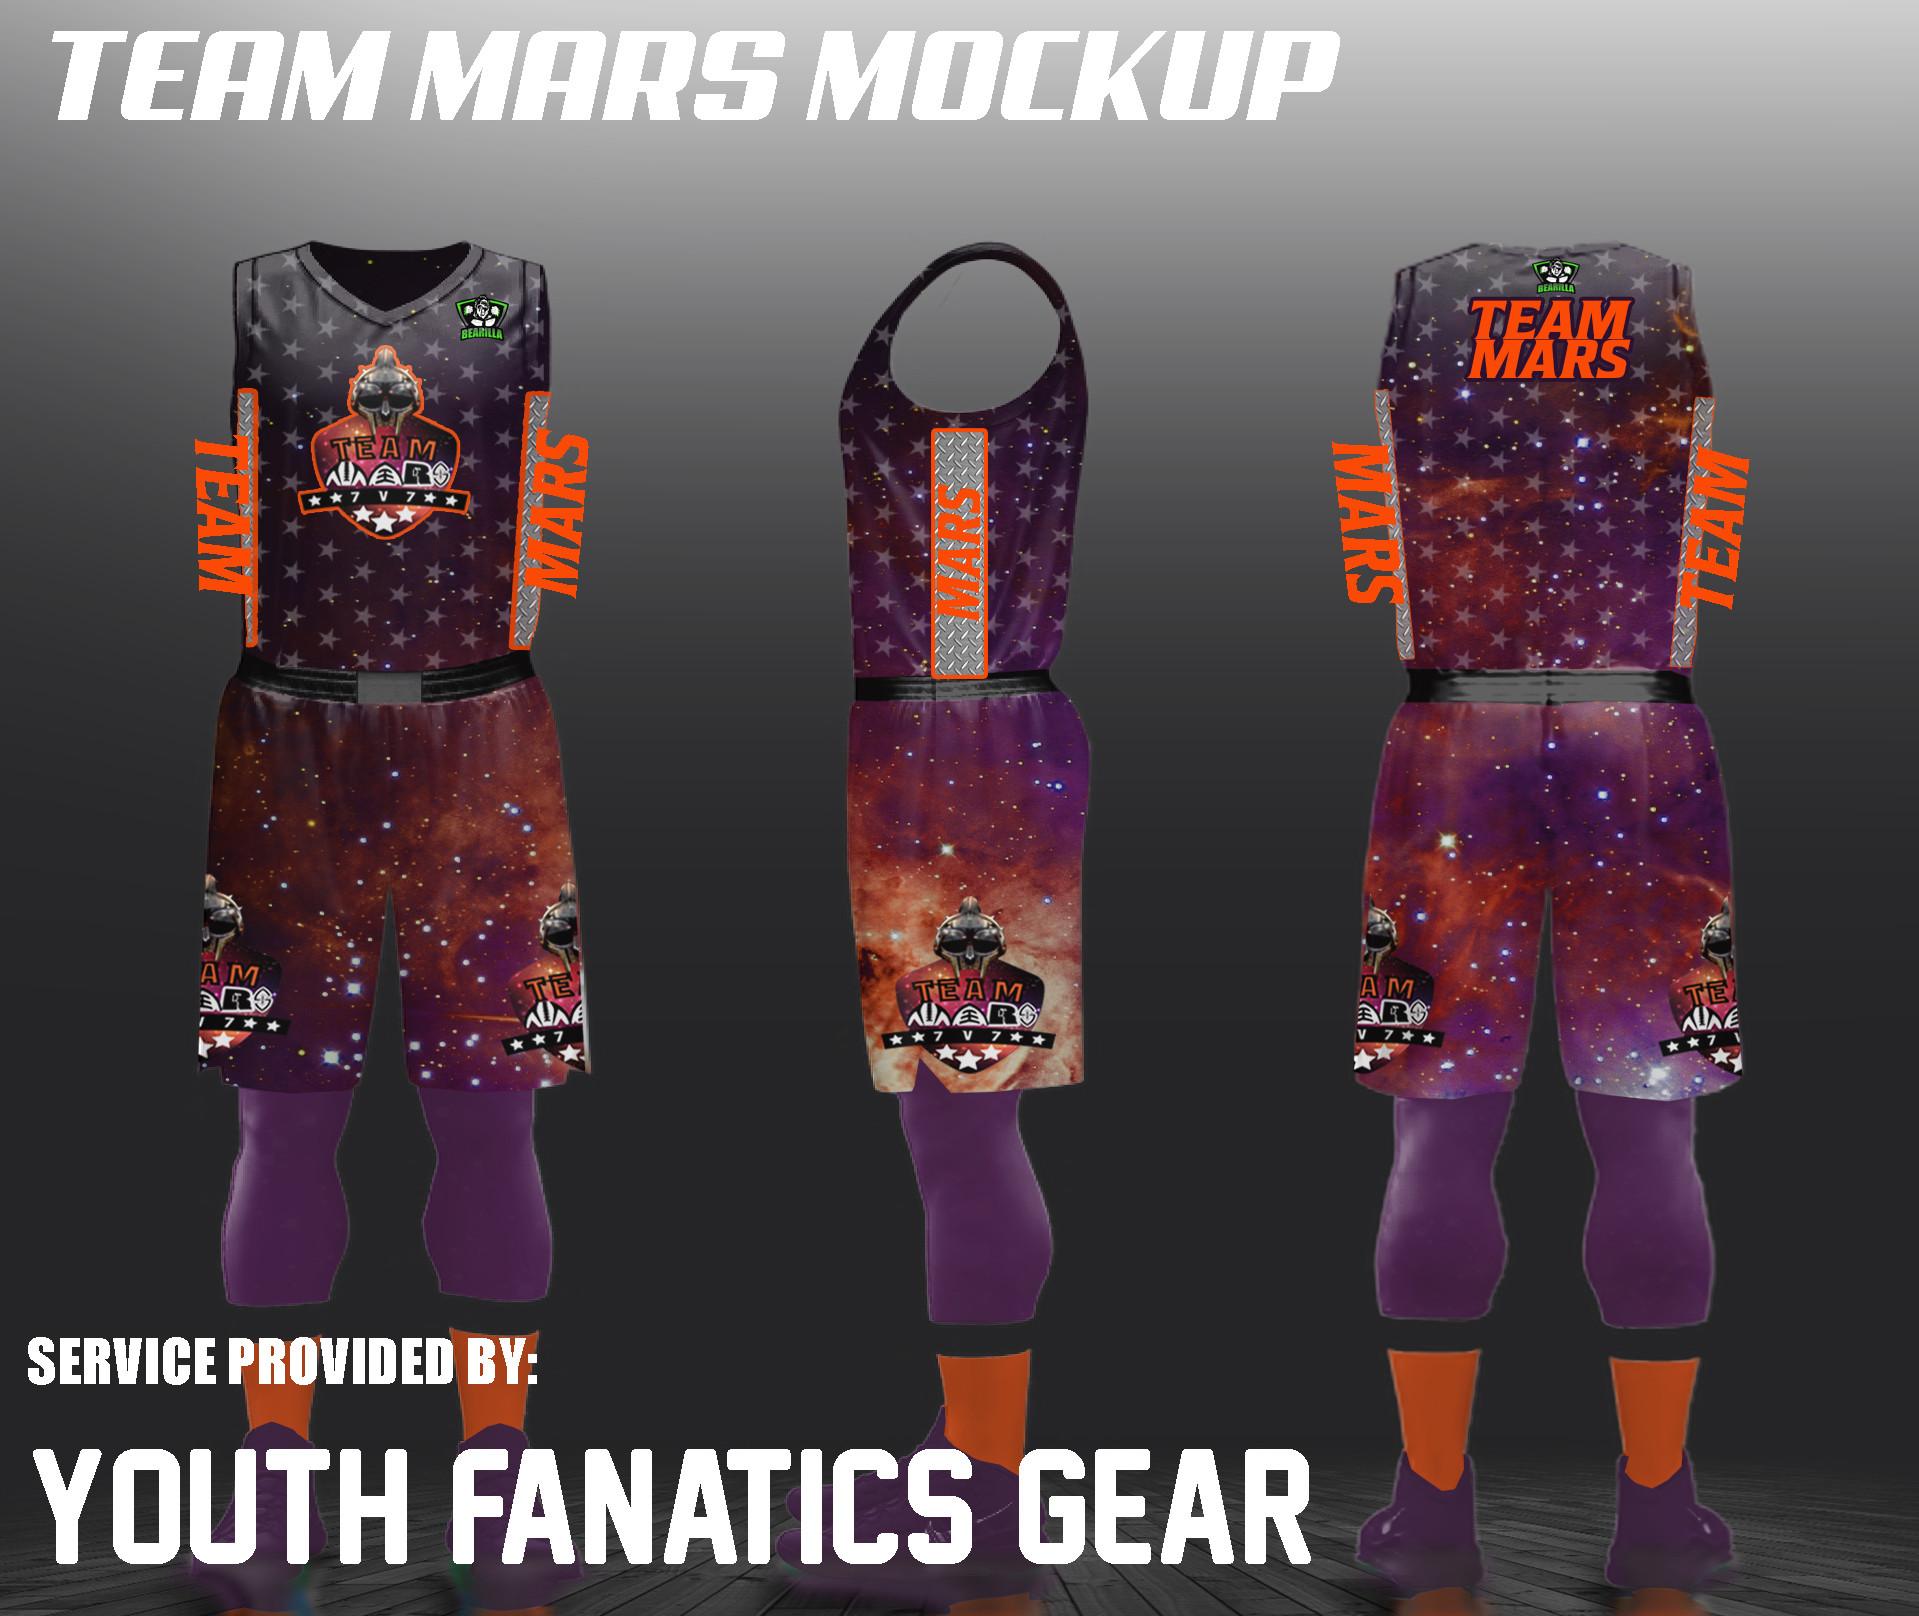 TEAM MARS 7V7 MOCKUP4.jpg